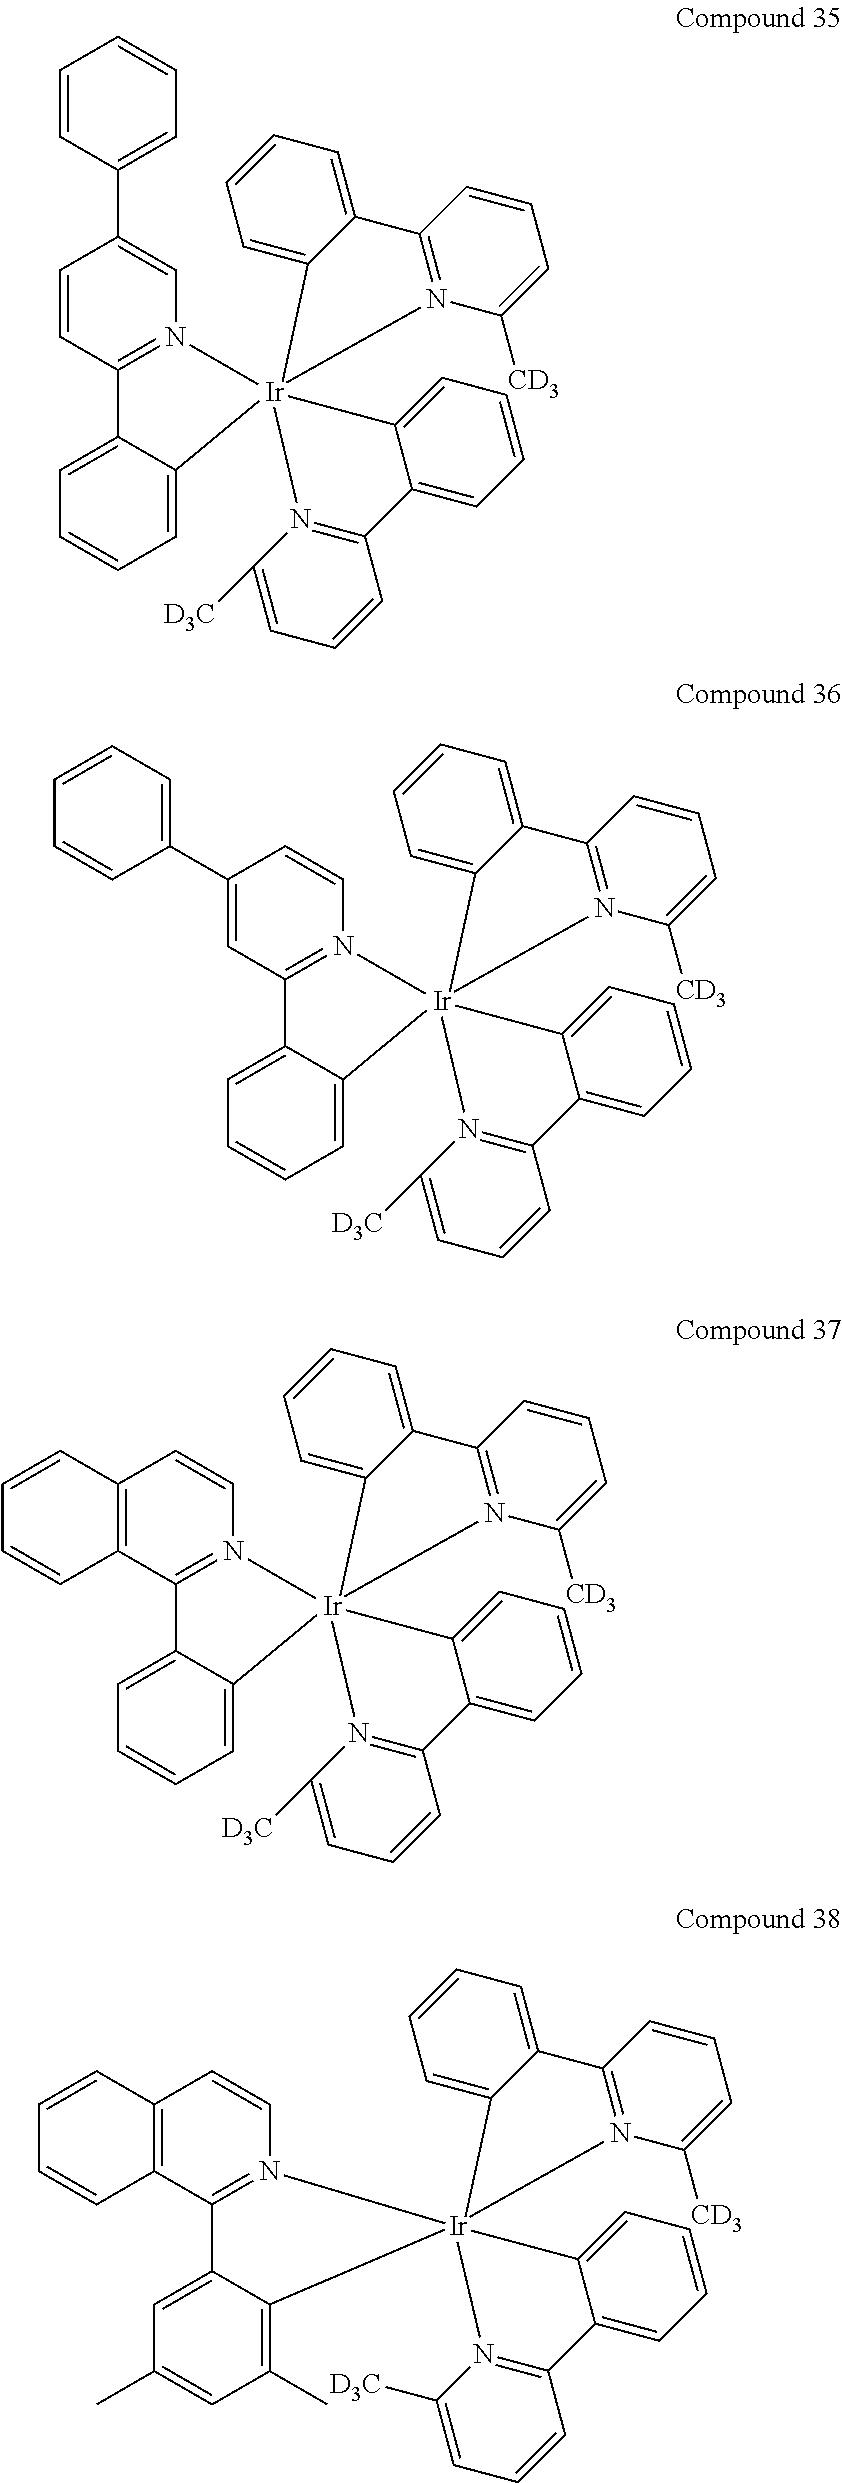 Figure US20100270916A1-20101028-C00220